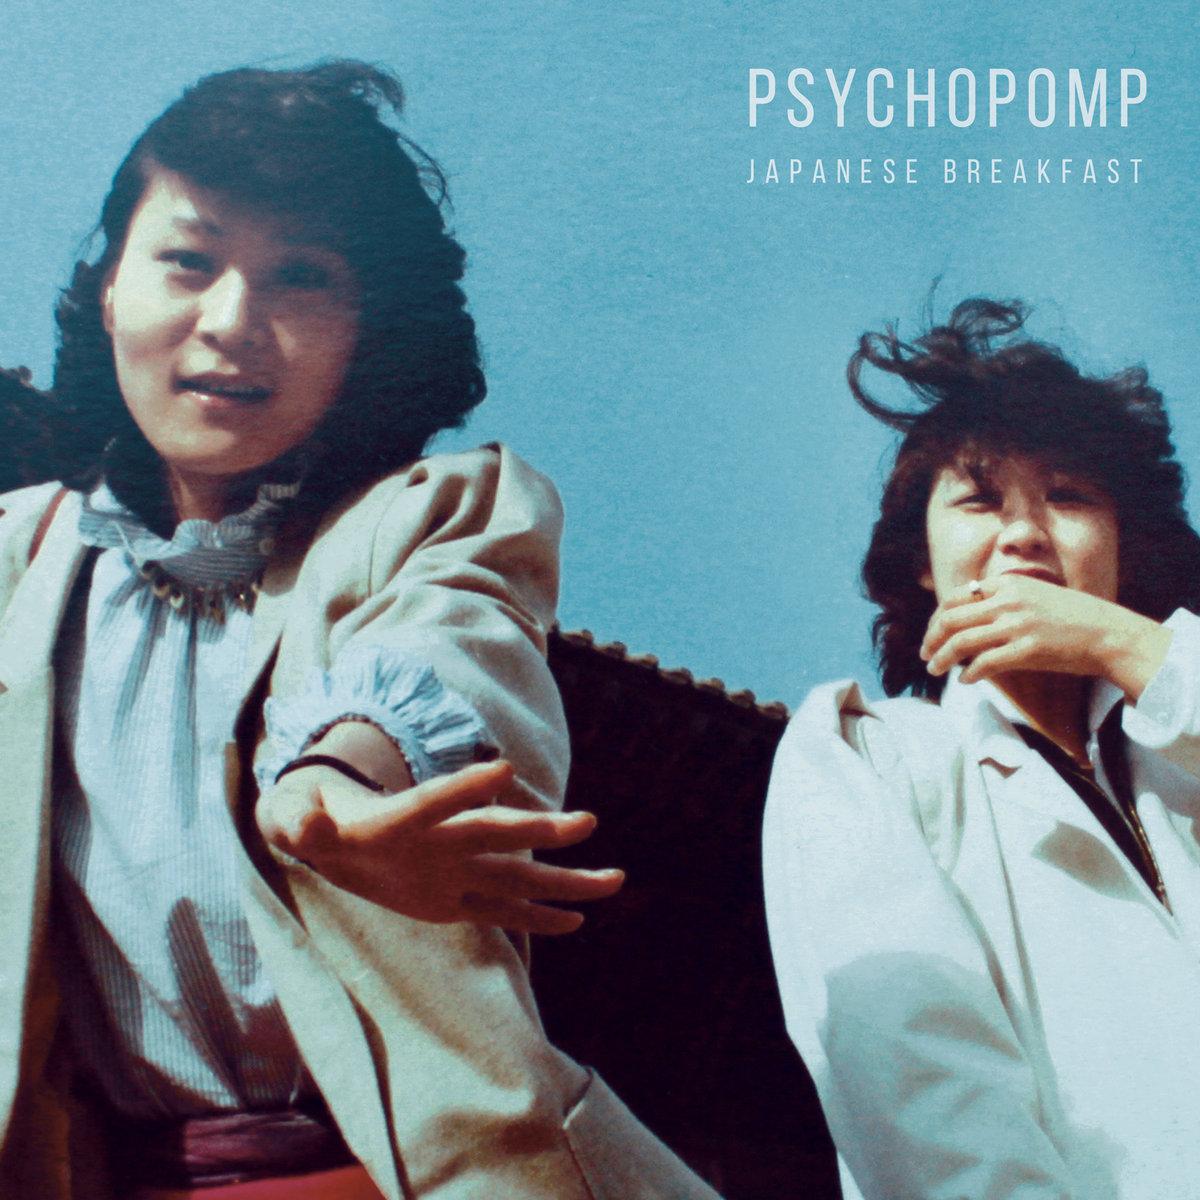 Japanese Breakfast —Psychopomp